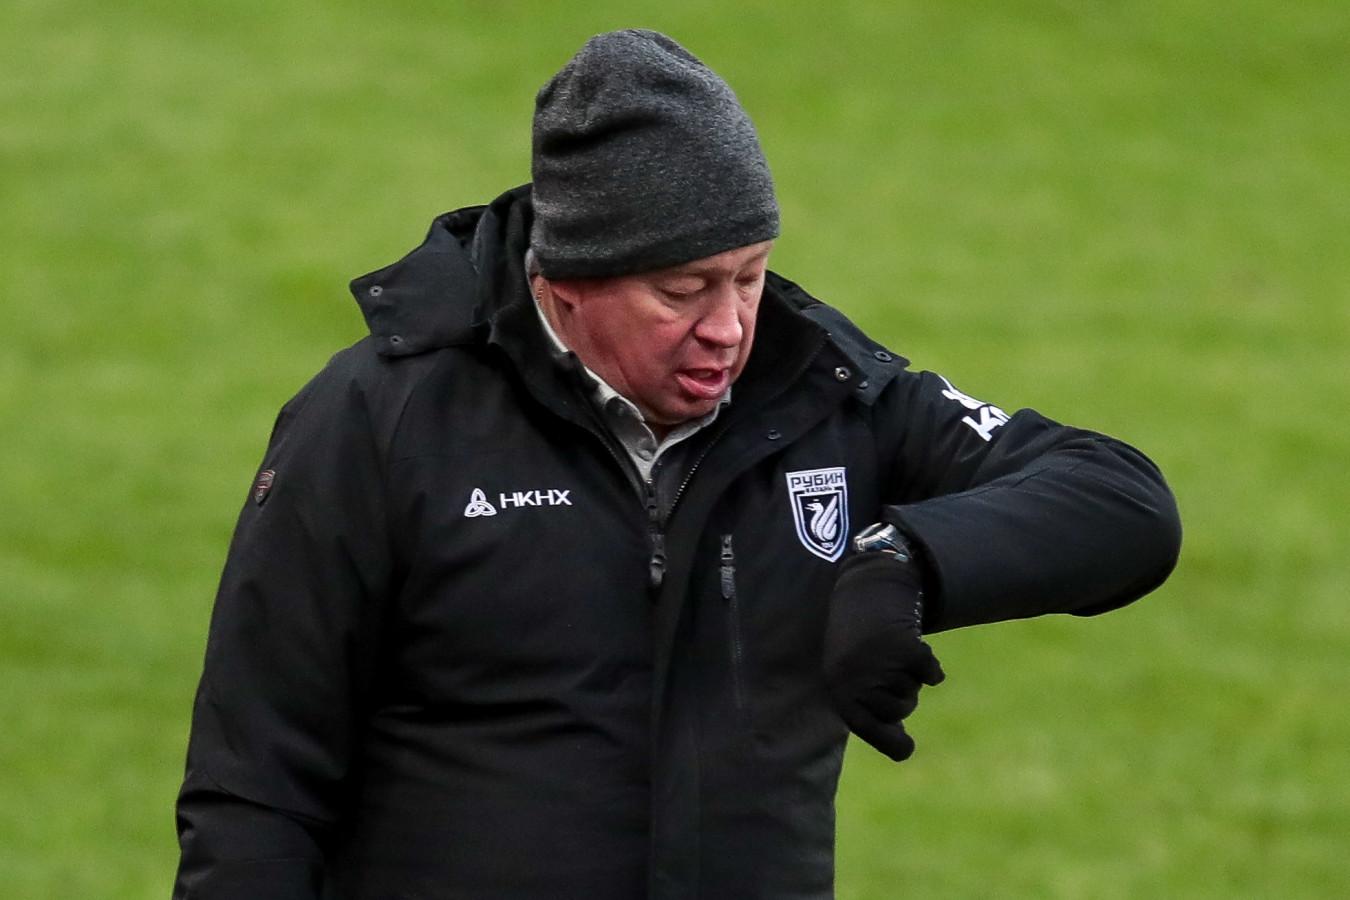 Гендиректор «Рубина» рассказал, возможен ли уход Слуцкого из клуба